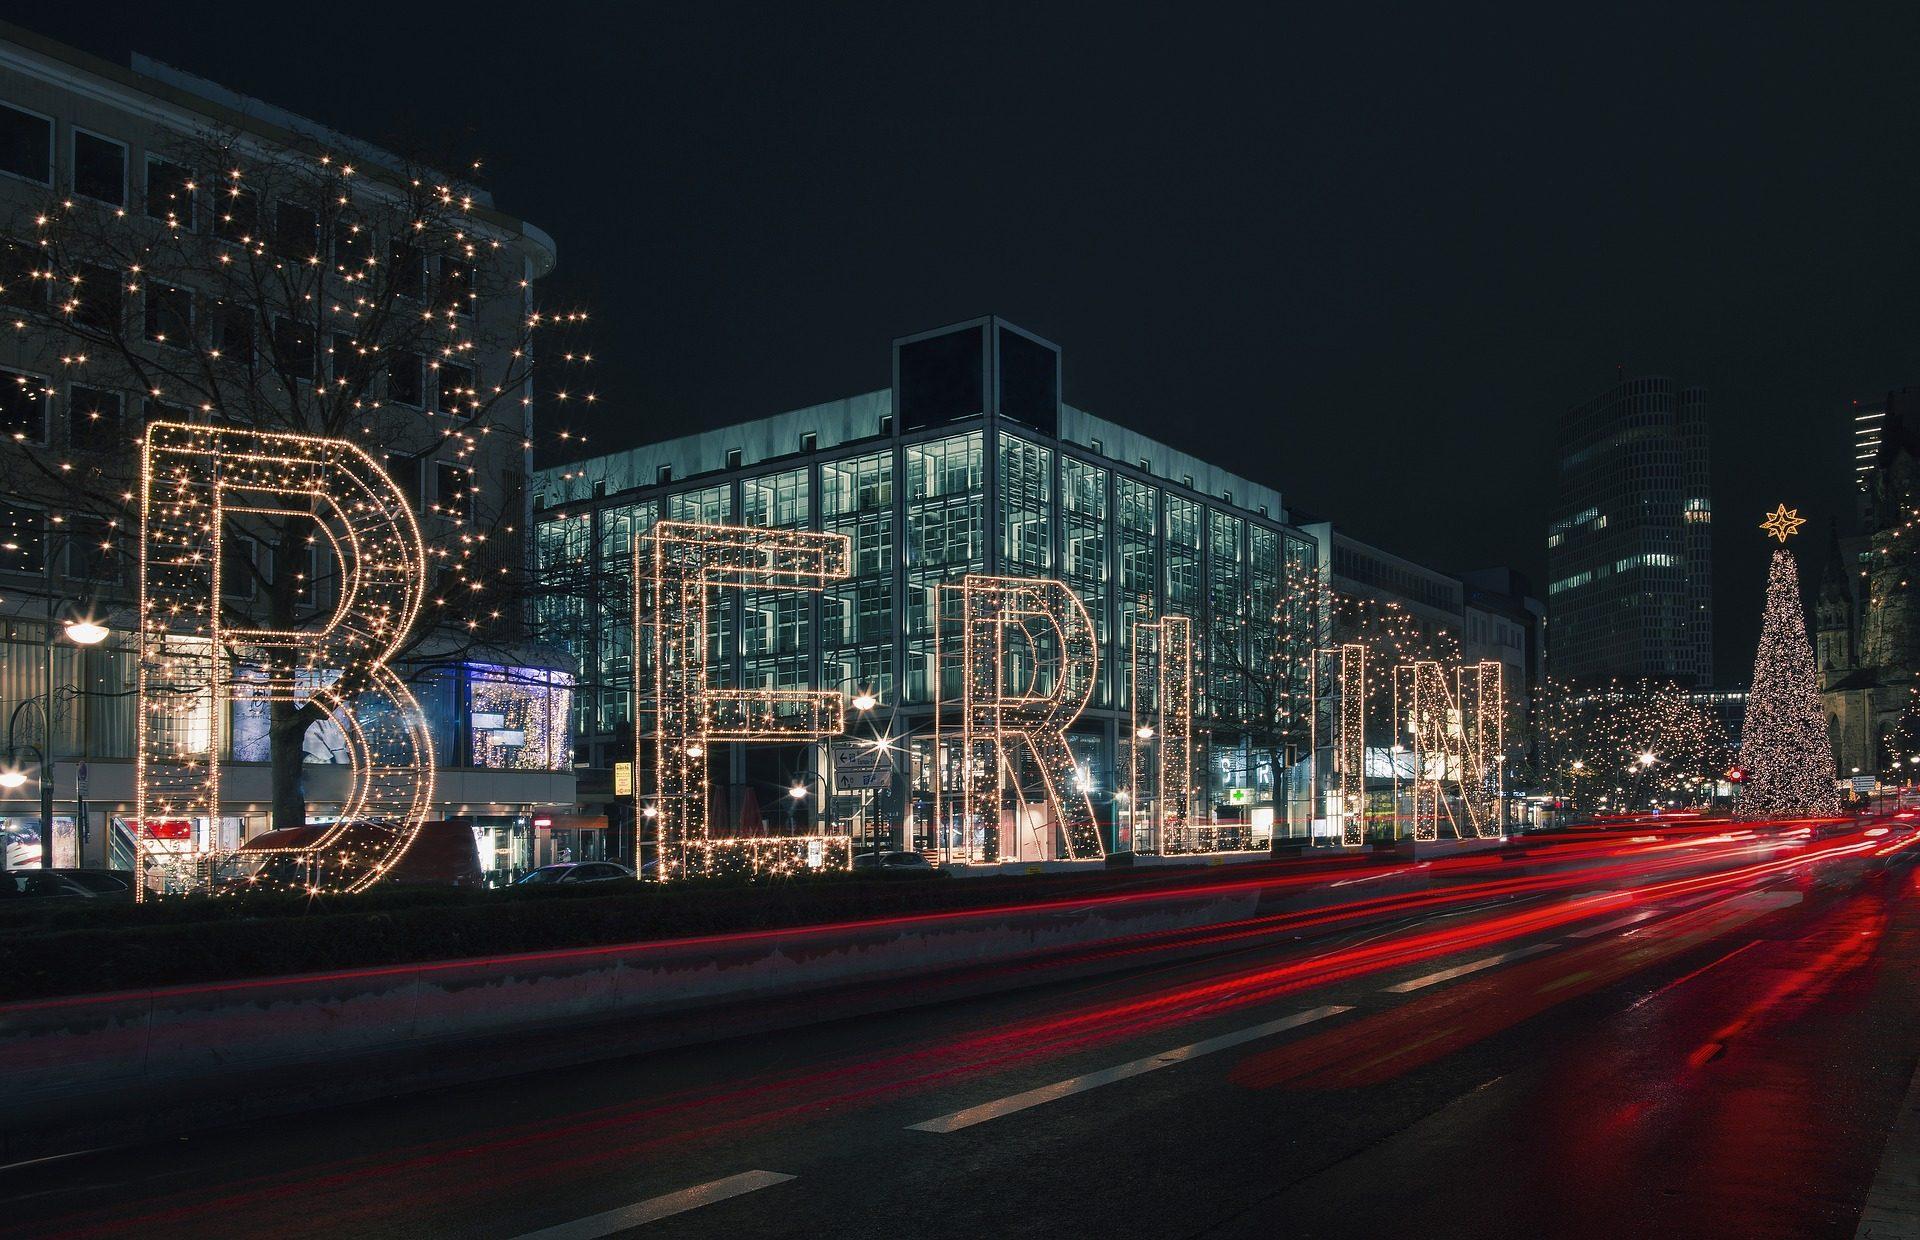 Unterkunft in Berlin günstig ab 11,00€ buchen - Spionagemuseum ab 12,00€